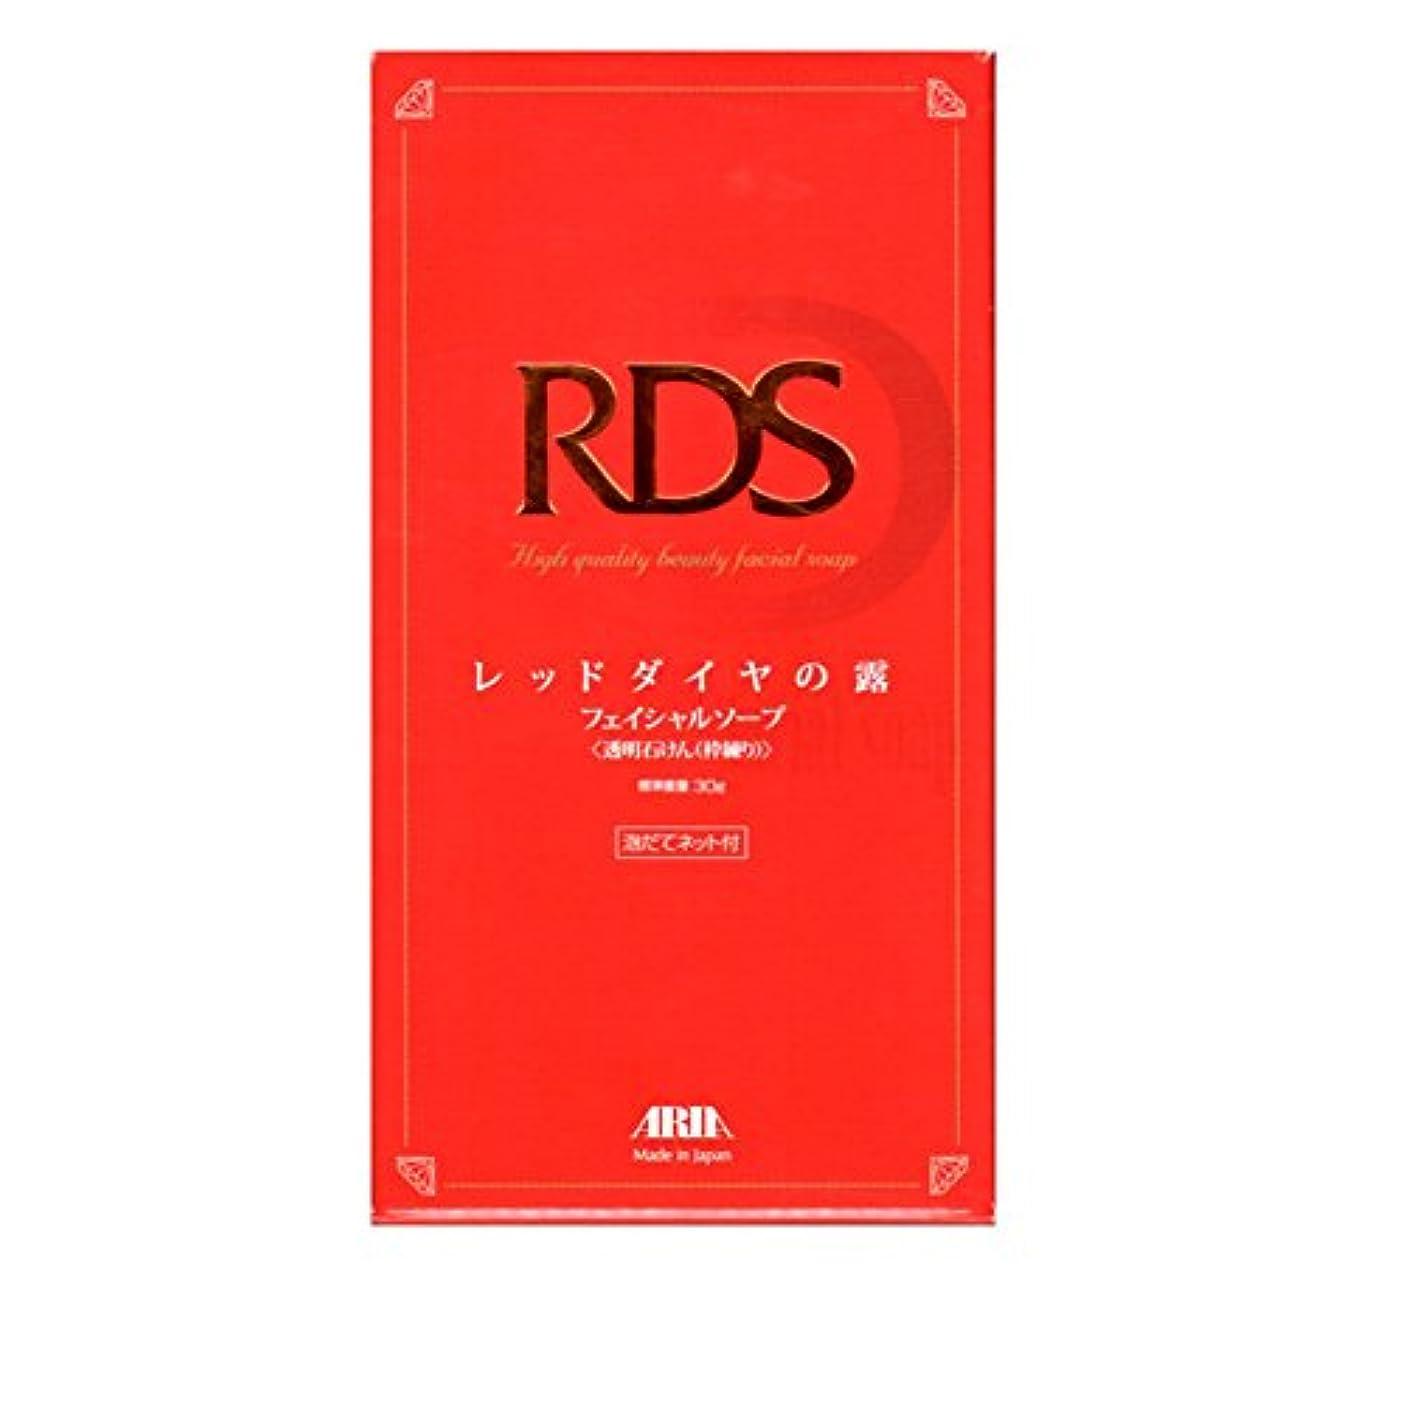 支給下着自分自身レッドダイヤの露 フェイシャルソープ 洗顔 石鹸 日本製